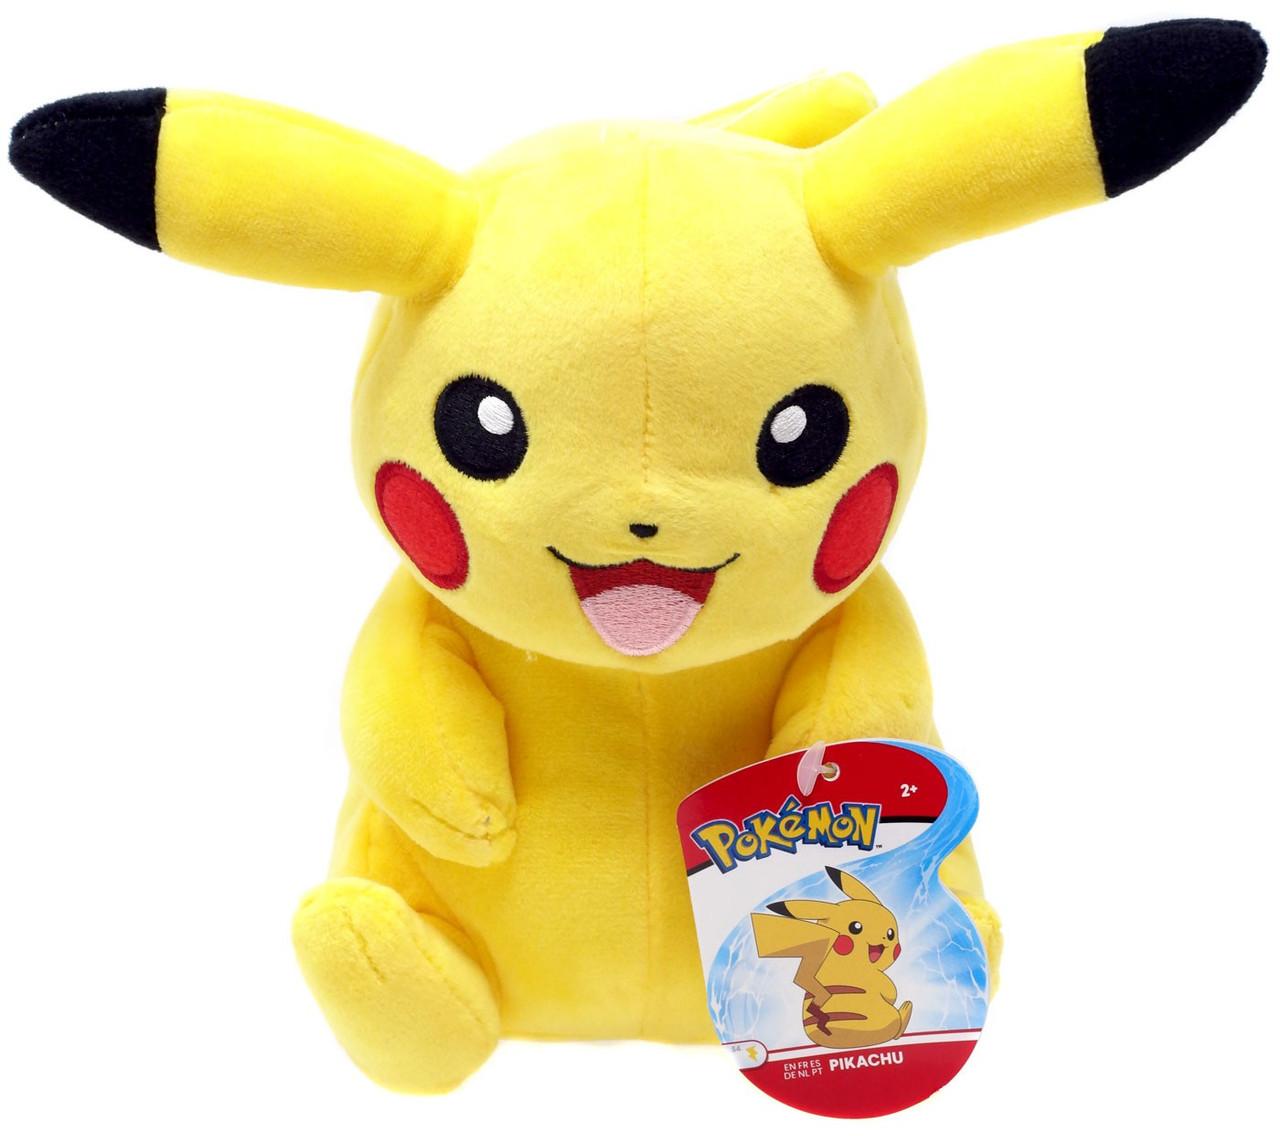 My Little Pony Pikachu Roblox Pokemon Pikachu 8 Plush Sitting Wicked Cool Toys Toywiz